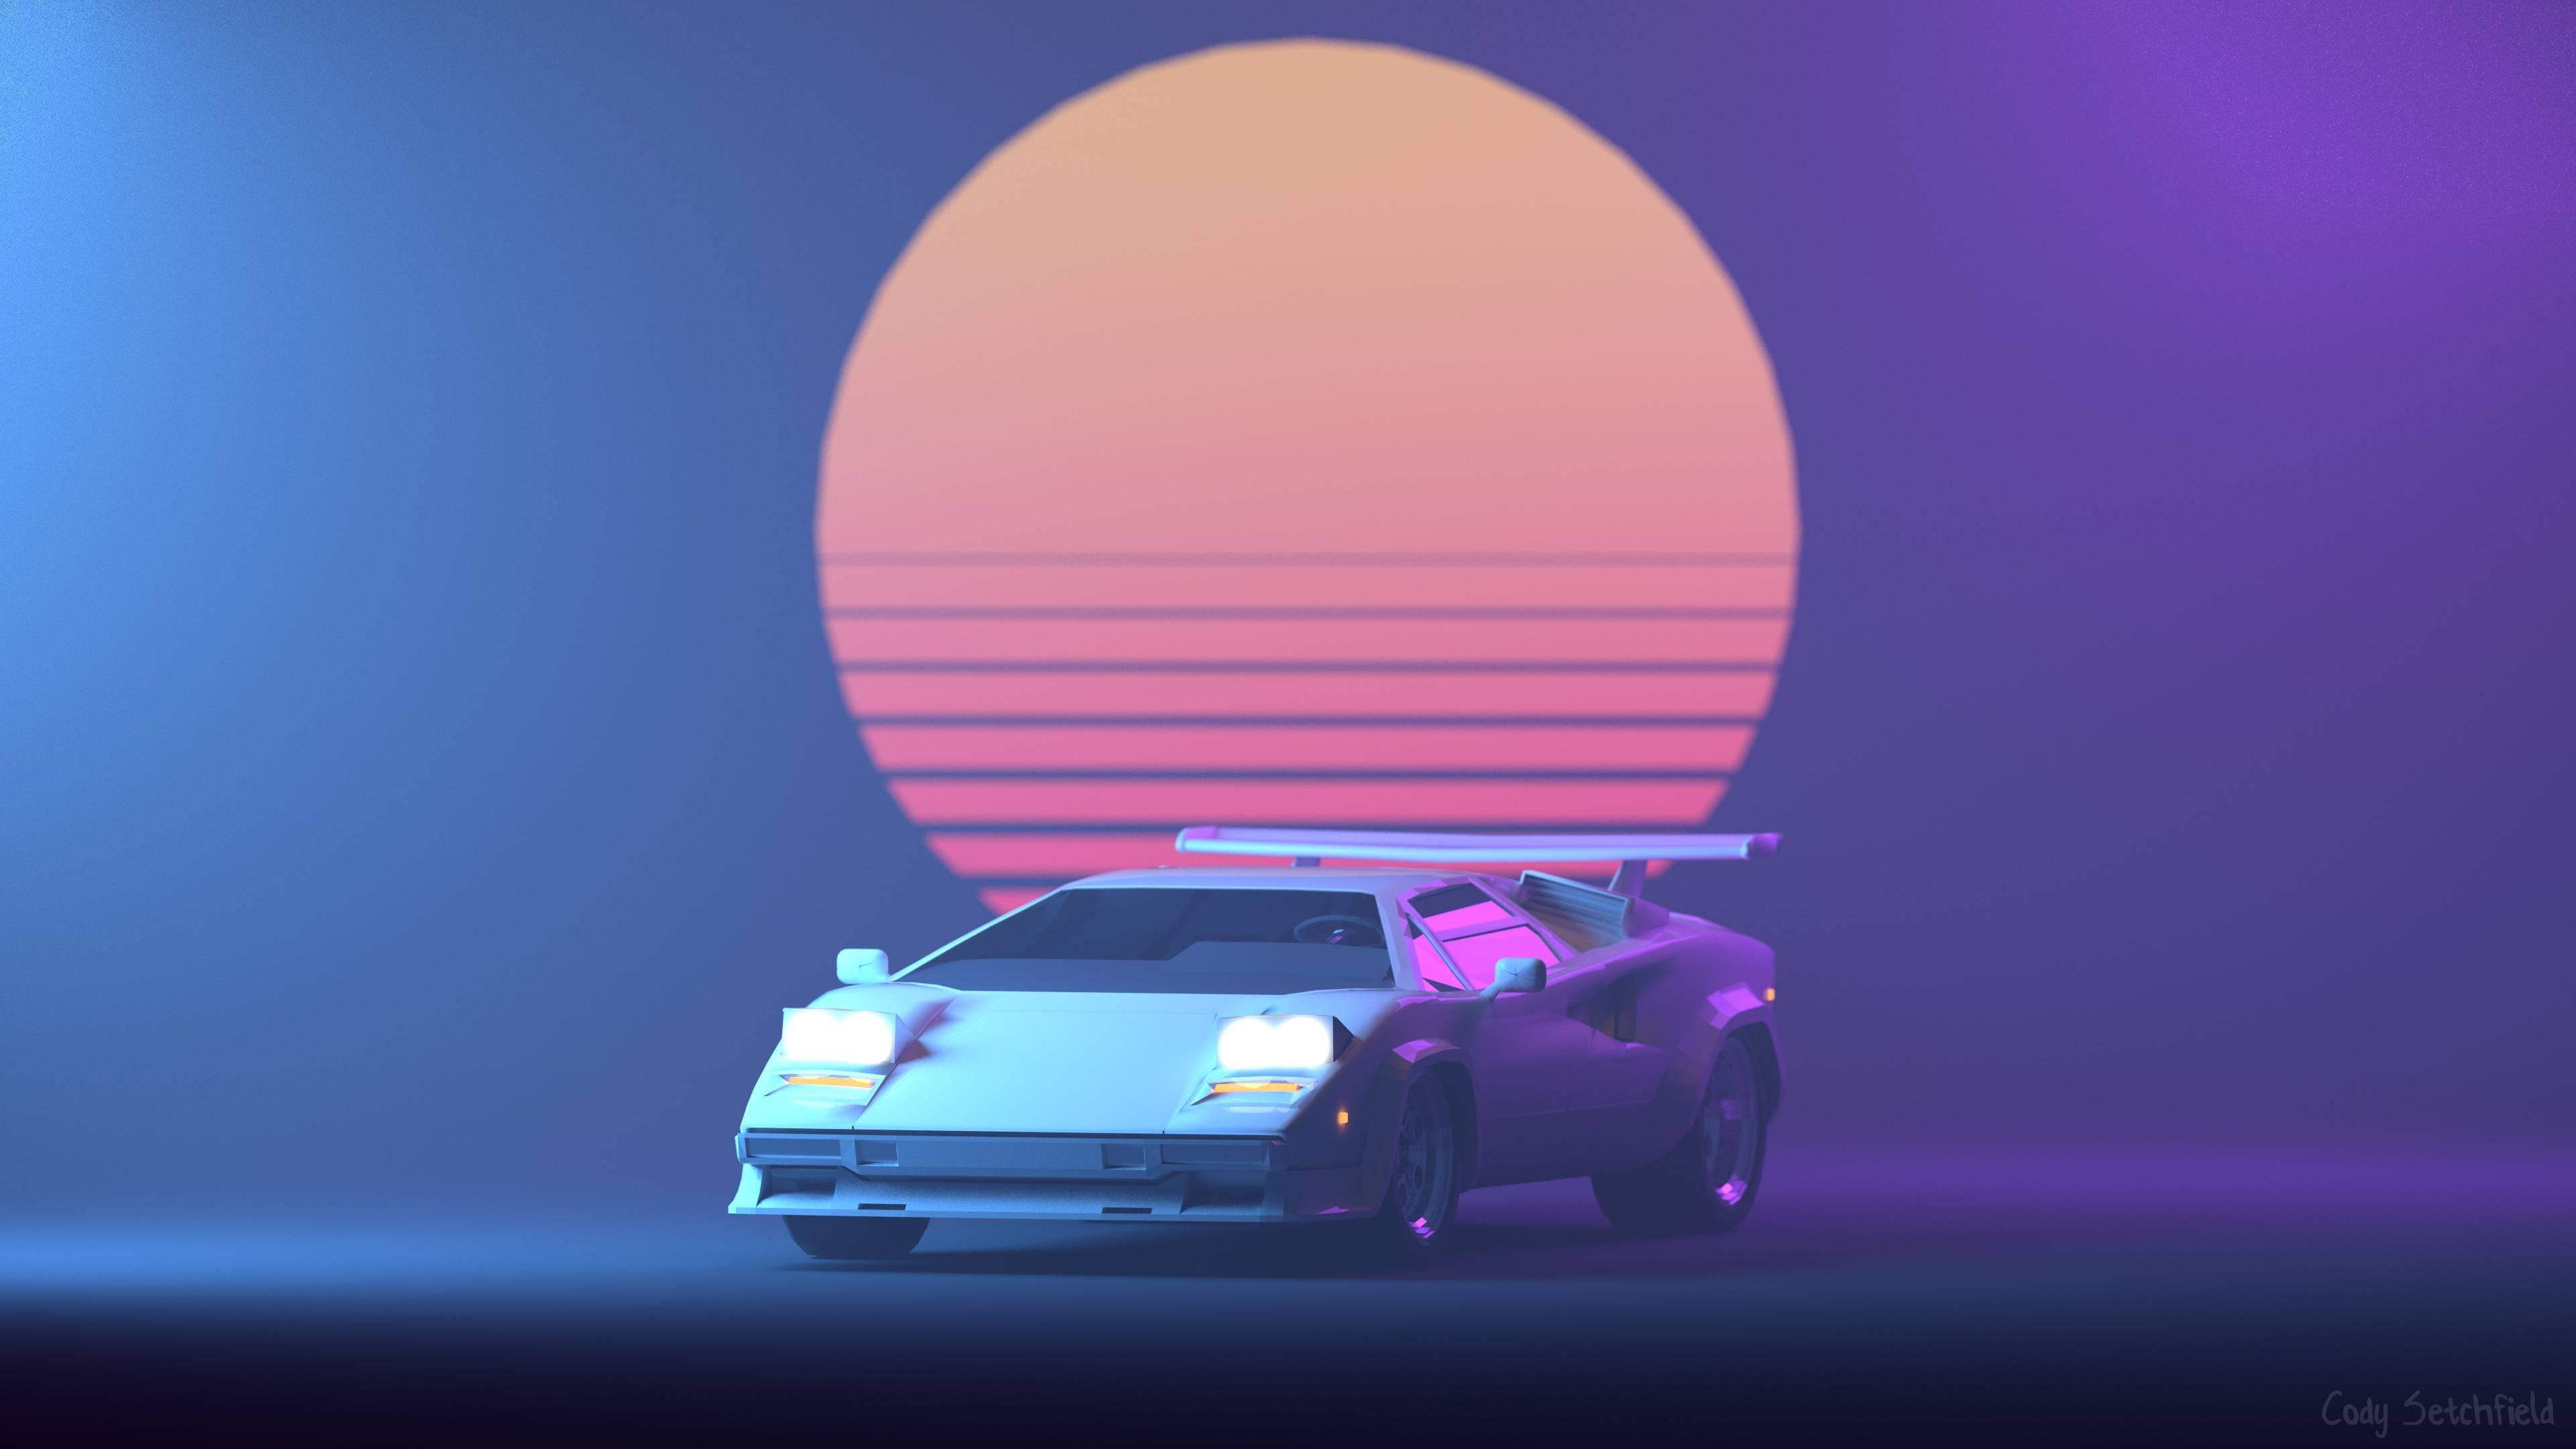 3840x2160 Hình nền Lamborghini 4K Retro